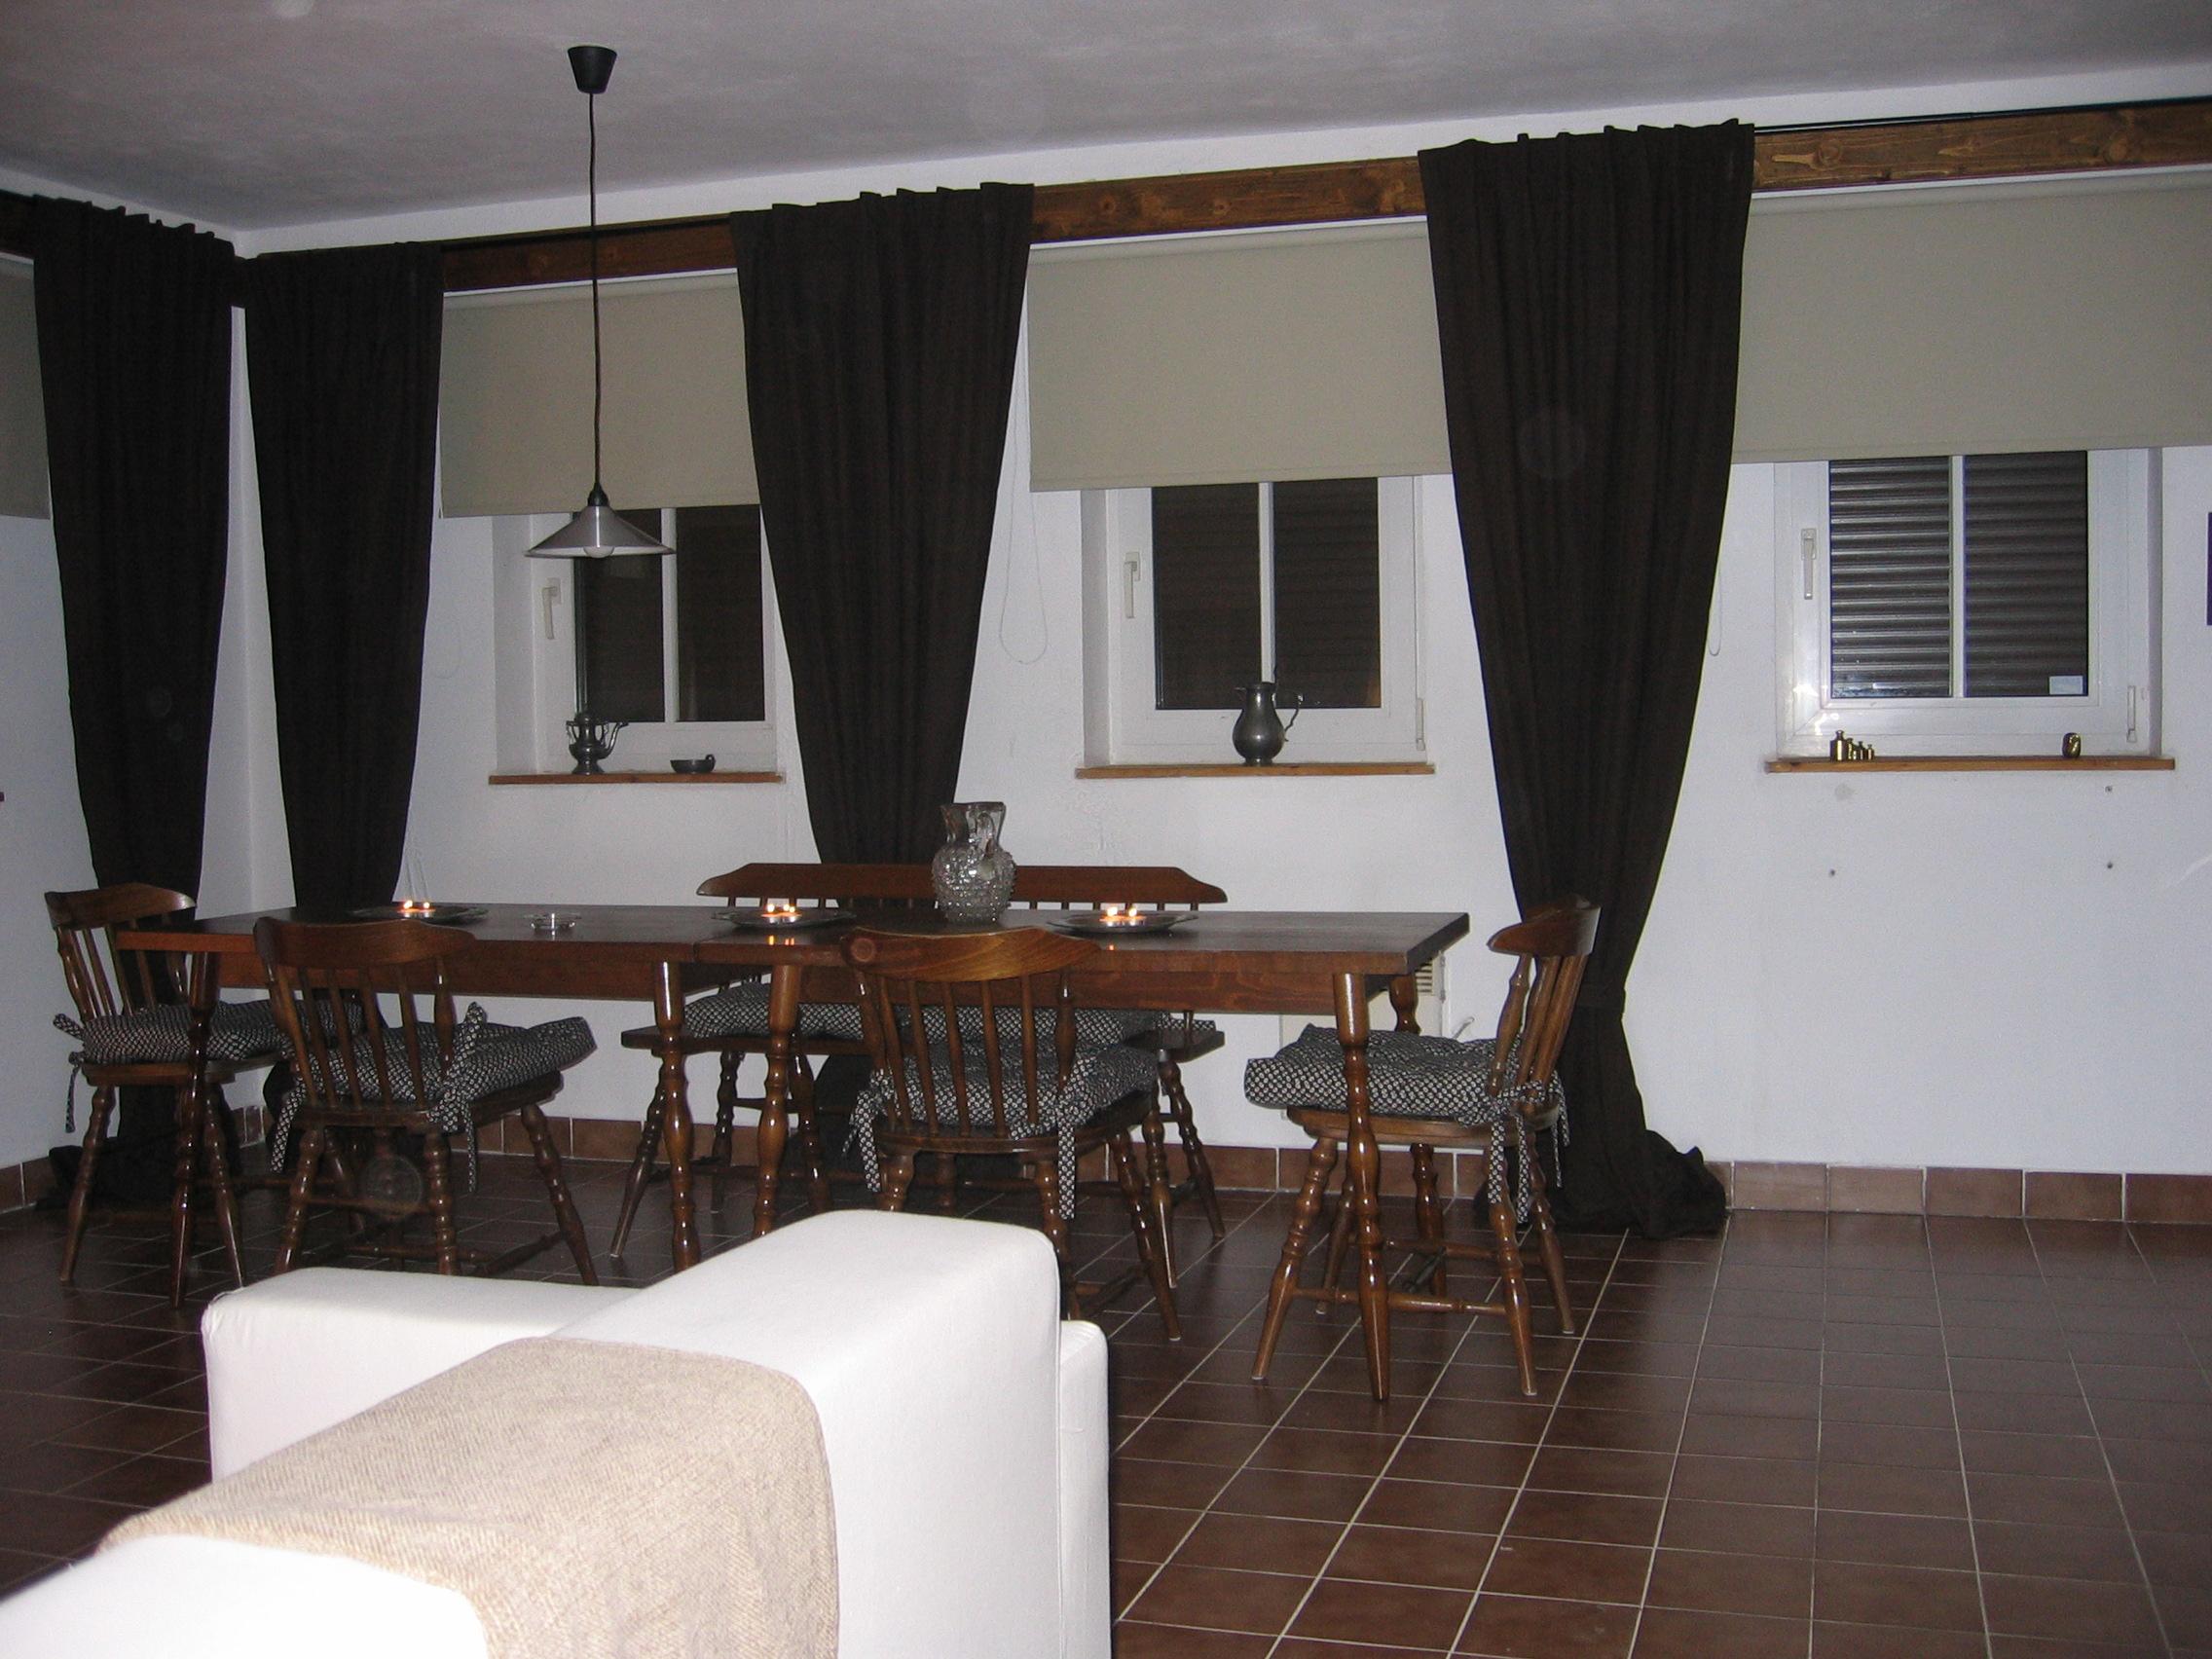 Zeer ruime villa op rustige locatie te koop in tsjechie noord bohemen - Woonkamer beneden meubeldesign ...